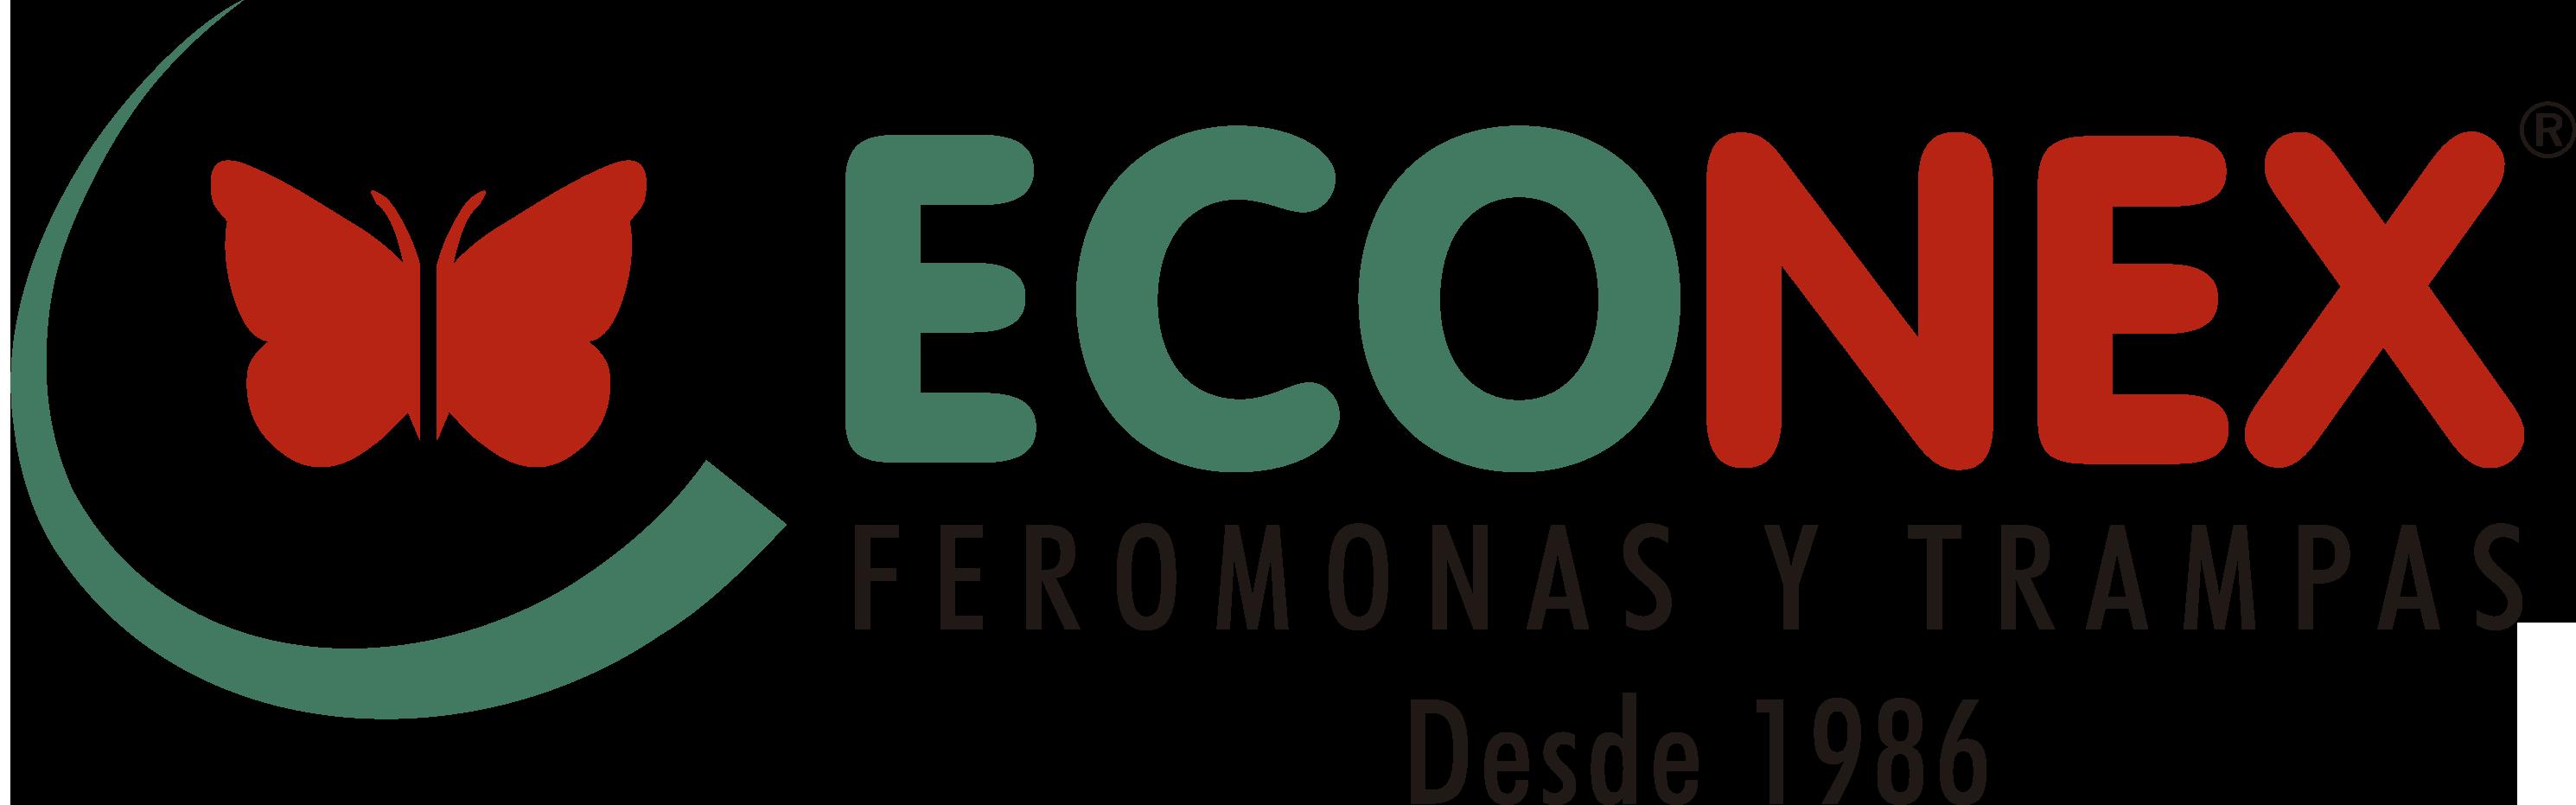 Econex